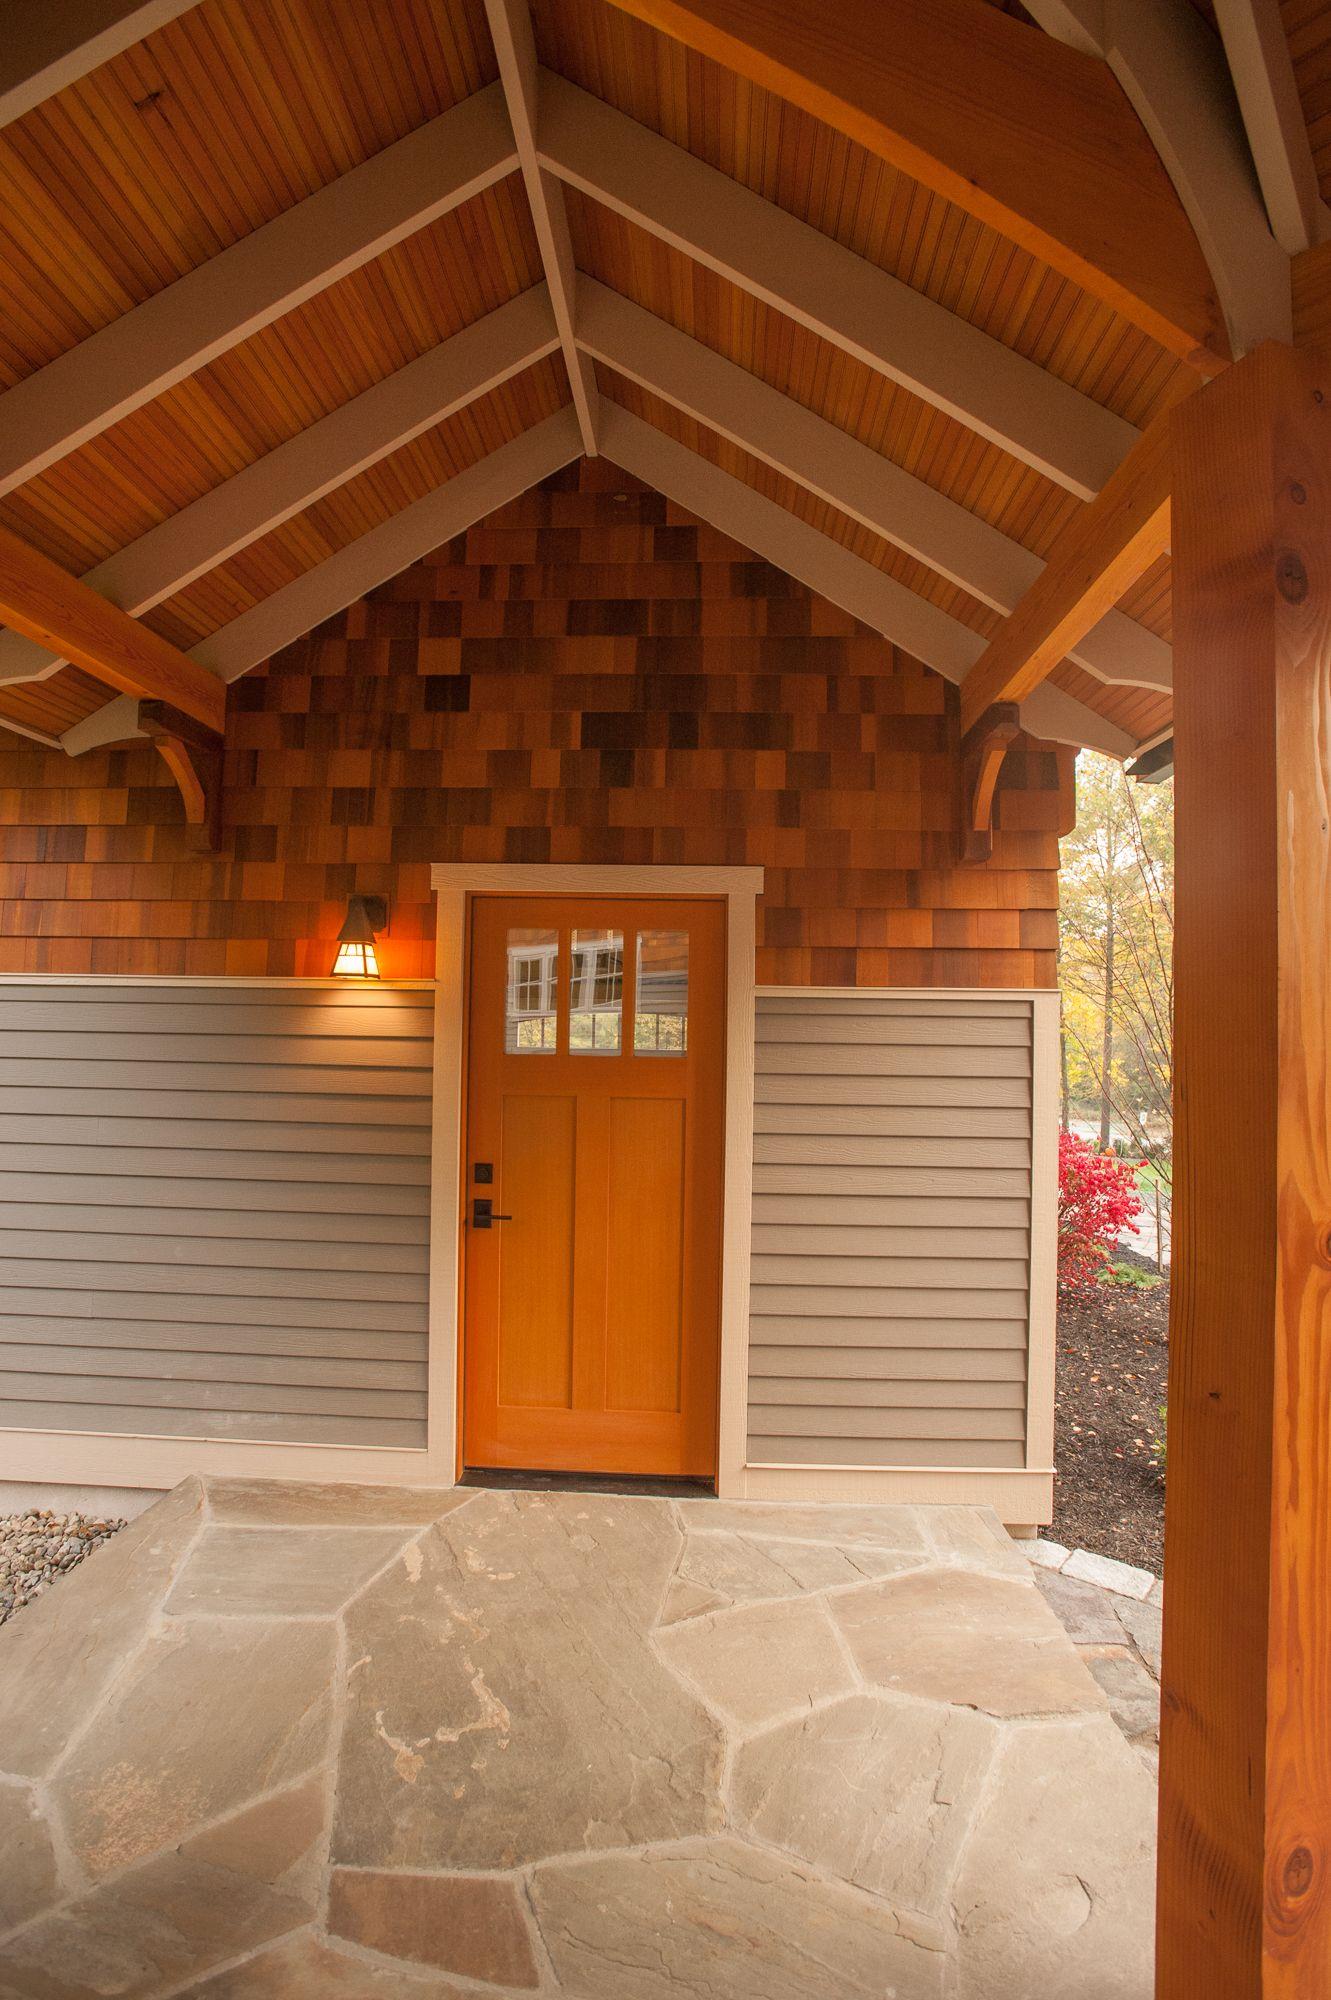 Breezeway Between Garage And House Wooden Overhead